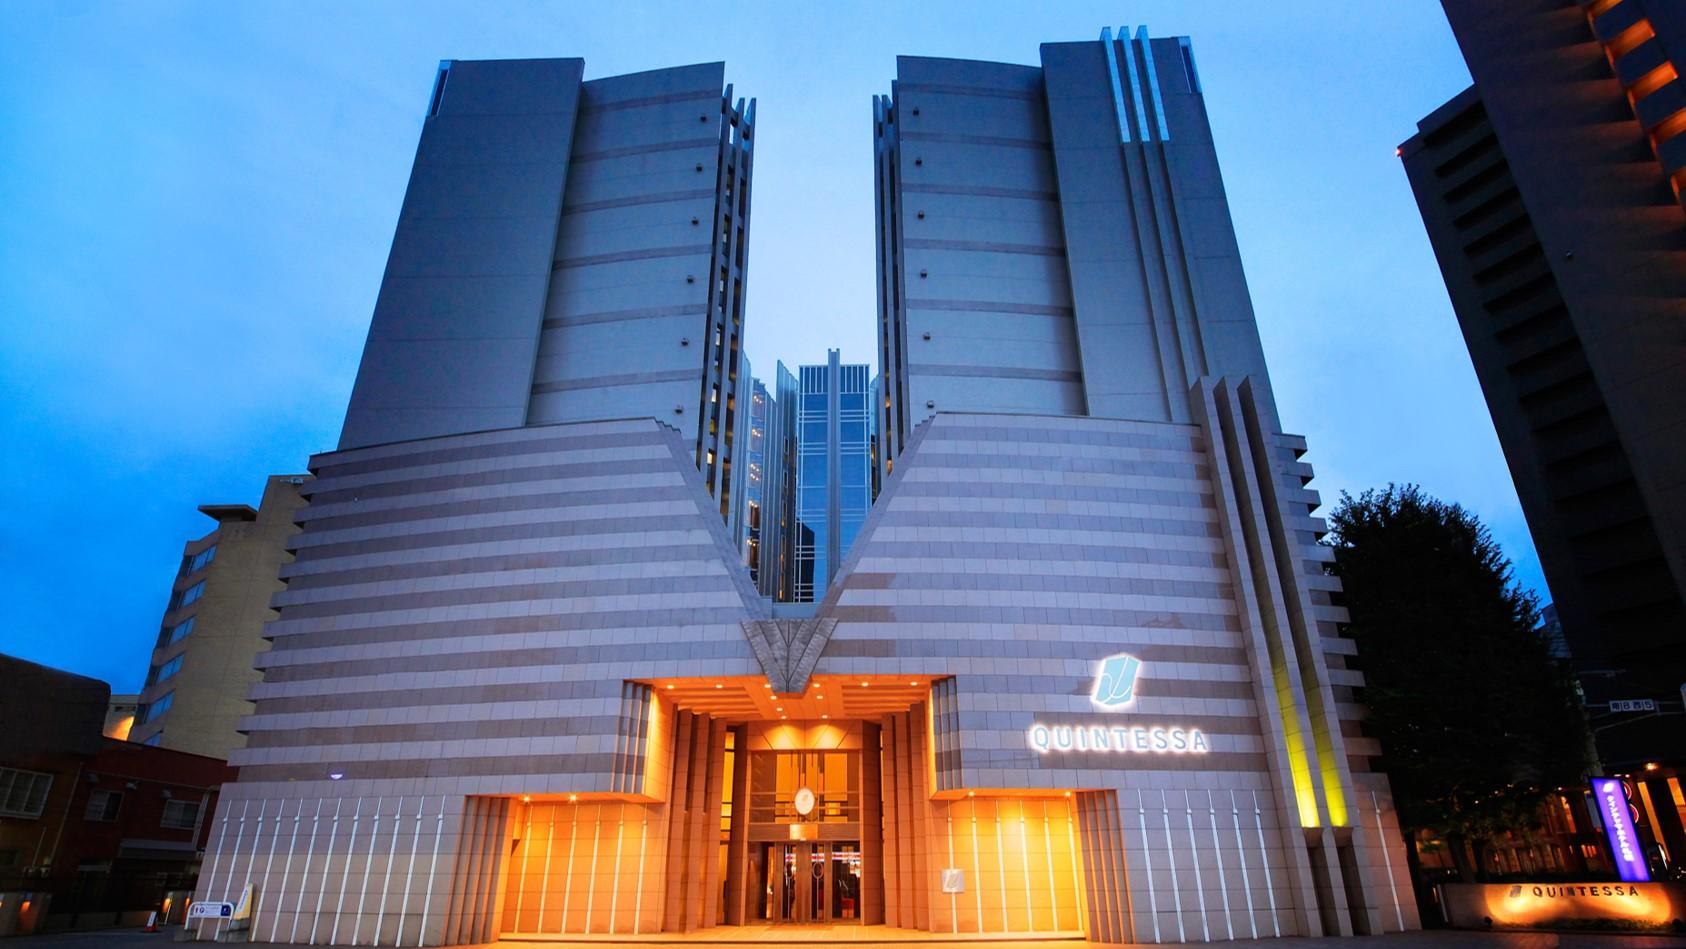 ビジネスホテル予約ならホテルリブマックス札幌 …